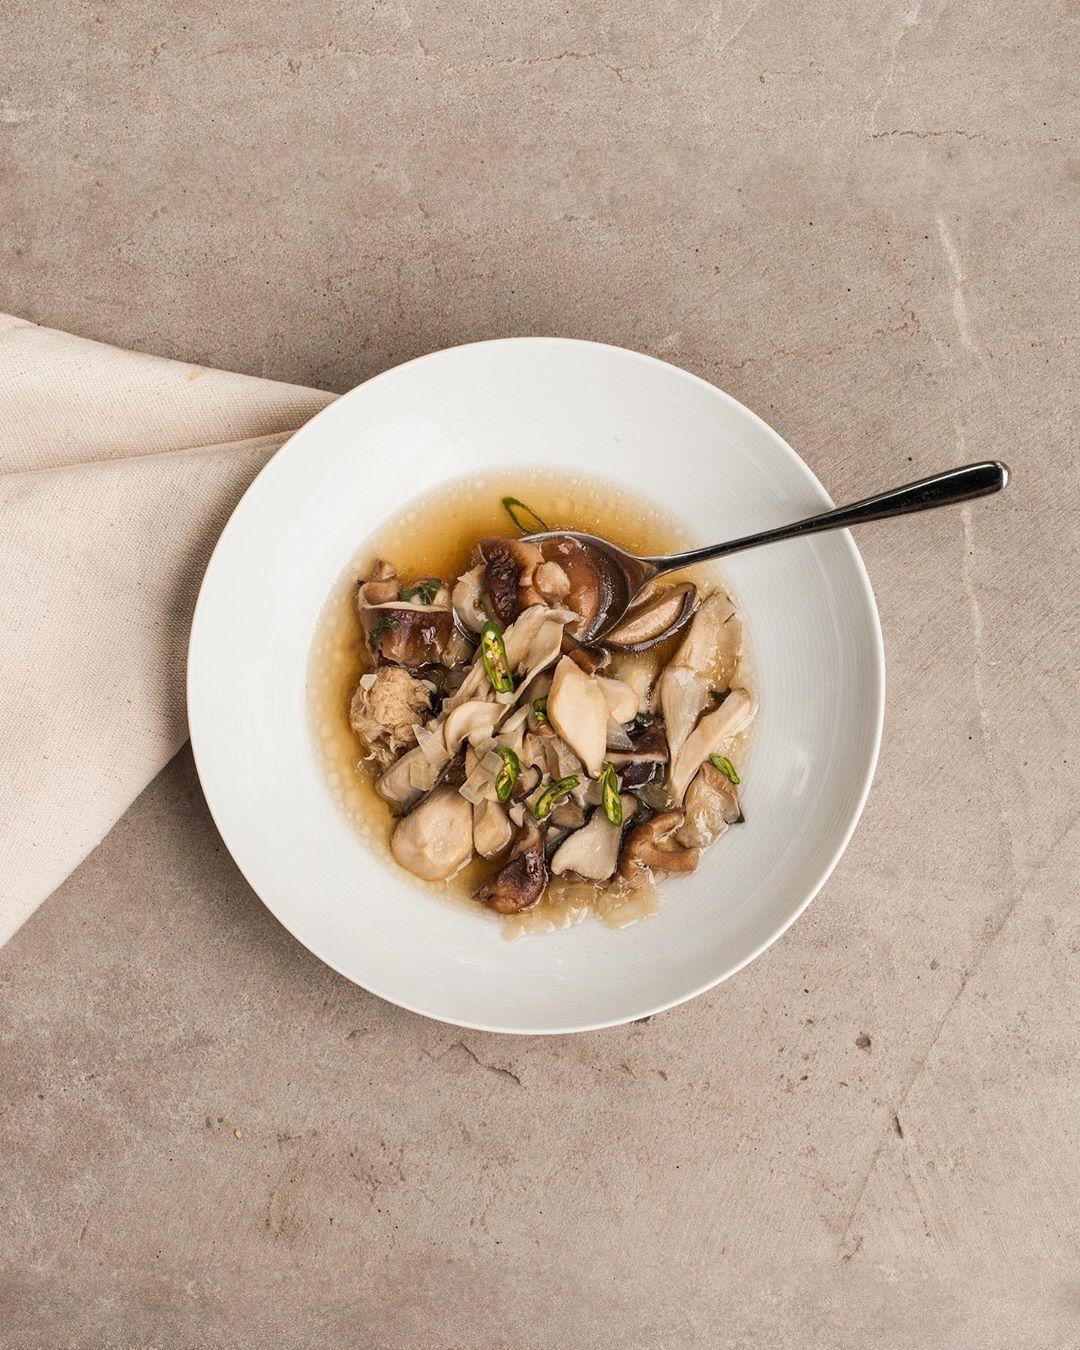 08032019_receta-sopa+de+hongos.jpg